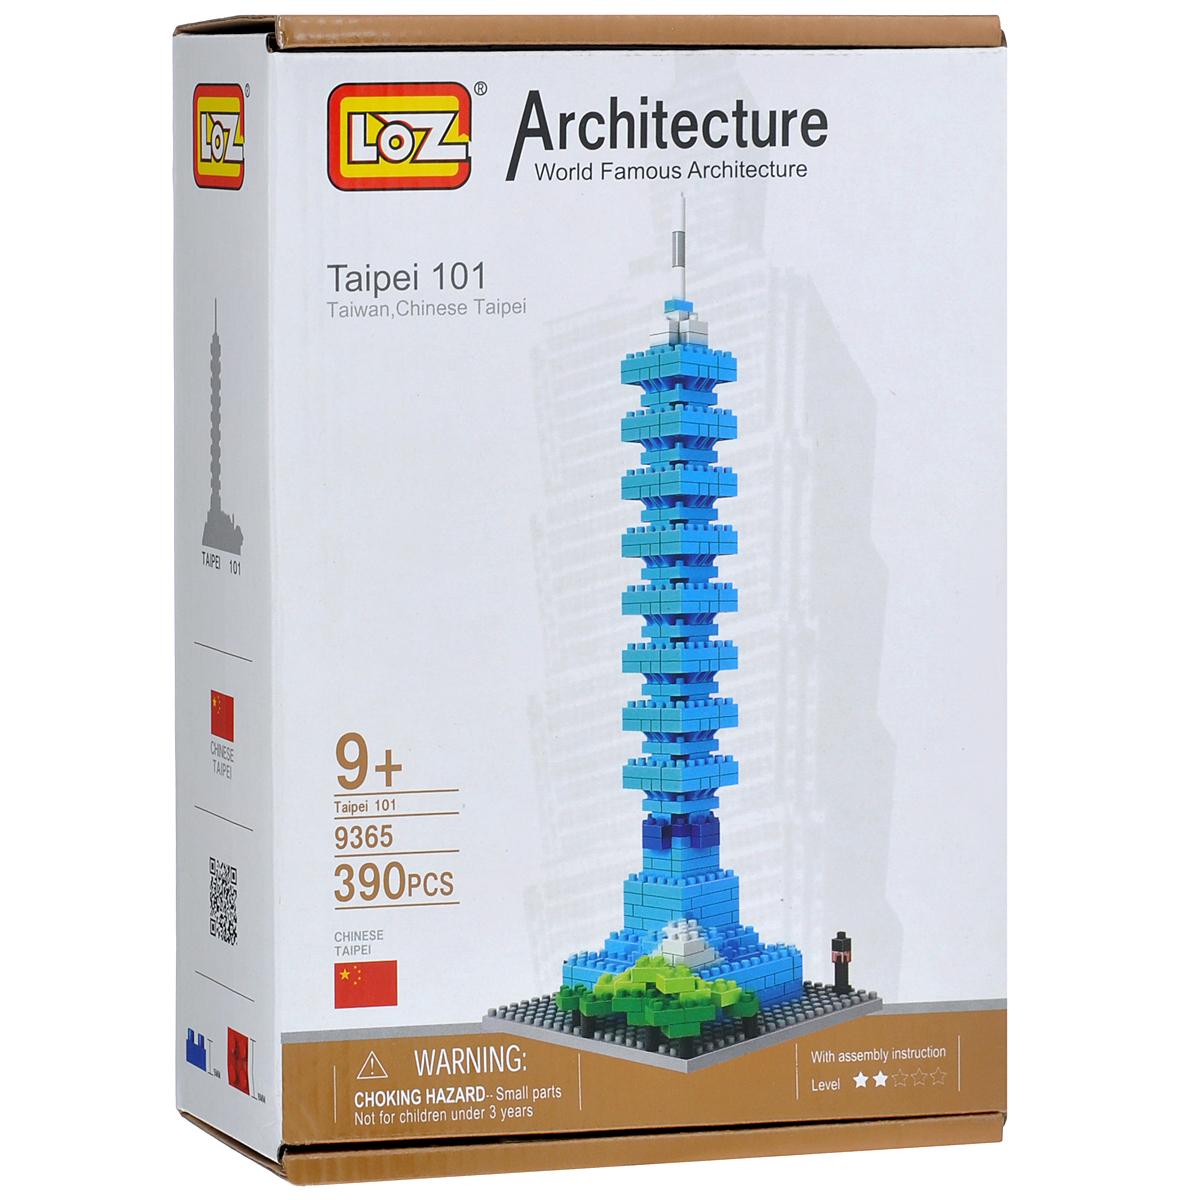 Loztoys Конструктор Небоскреб Тайбэй9365Конструктор-макет Небоскреб Тайбэй 101 - прекрасный способ провести время увлекательно и с пользой. Комплект включает в себя 390 элементов, из которых вы и ваш ребенок сможете собрать модель небоскреба, расположенного в столице Китайской Республики — Тайбэе. Для сборки модели клей и ножницы не понадобятся. Элементы оснащены пазами для легкого соединения. В комплект входит схематичная инструкция по сборке. Небоскреб Тайбэй 101 - небоскреб, расположенный в столице Китайской Республики - Тайбэе. Этажность небоскреба составляет 101 этаж, высота - 509,2 м, вместе со шпилем. На нижних этажах находятся торговые центры, на верхних - расположены офисы. Является пятым по высоте в мире среди всех зданий, после Бурдж-Халифа в Дубае, Абрадж аль-Бейт в Мекке, Шанхайской башни в Шанхае и ВТЦ 1 в Нью-Йорке. В этом небоскребе находятся самые быстрые лифты в мире, поднимающиеся со скоростью 60,6 км/ч. С пятого этажа до обзорной площадки на 89-м можно доехать за 39 секунд. Здание...